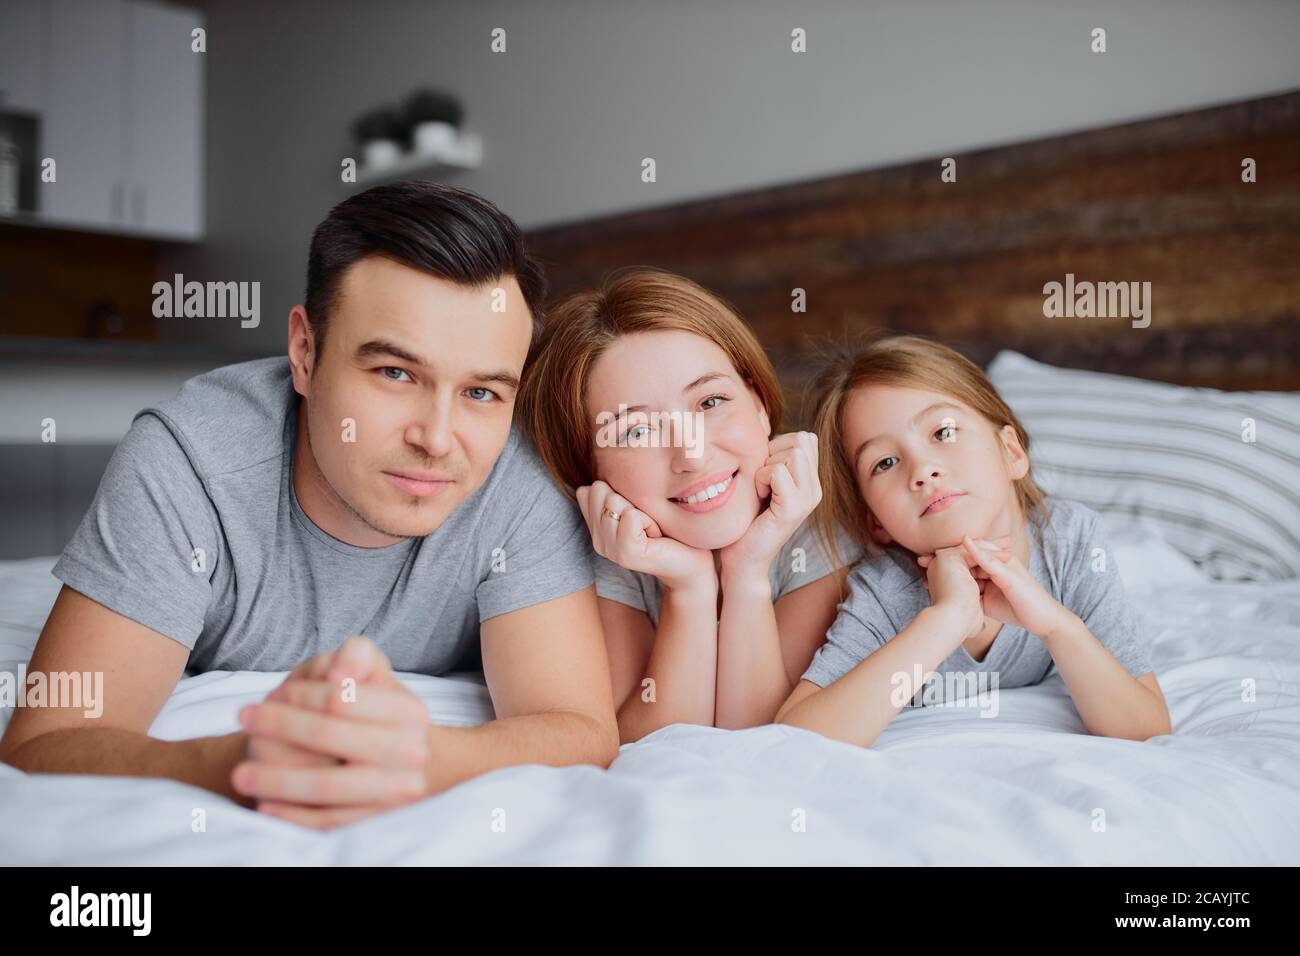 portrait de belle famille heureuse couché sur le lit ensemble, mère père et fille de kid embrassant embrassant et rire. à l'intérieur Banque D'Images